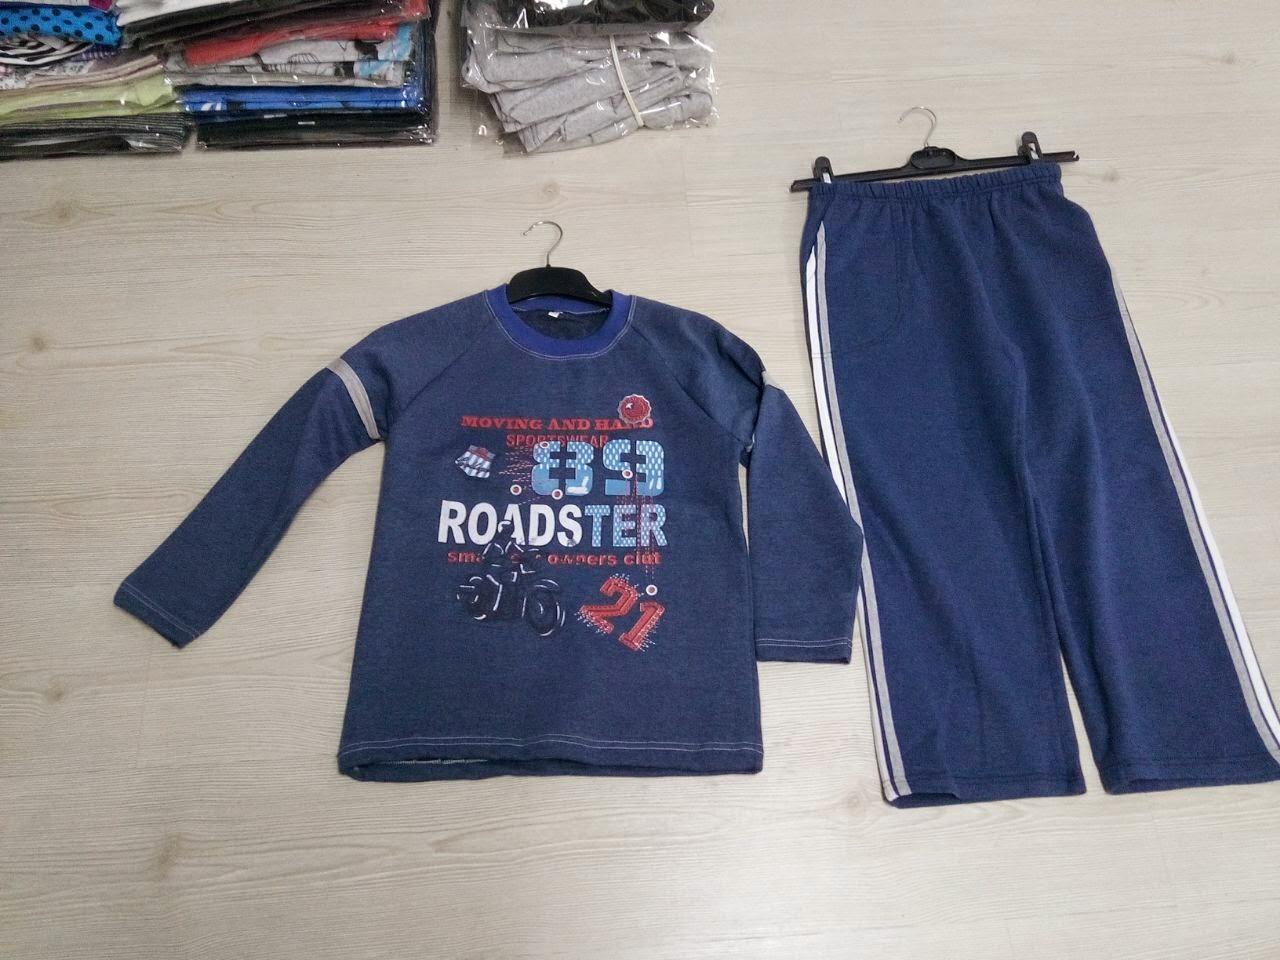 kışlık çocuk ikili eşofman takımları kapişonlu kapişonsuz kışlık ürünler imalatı